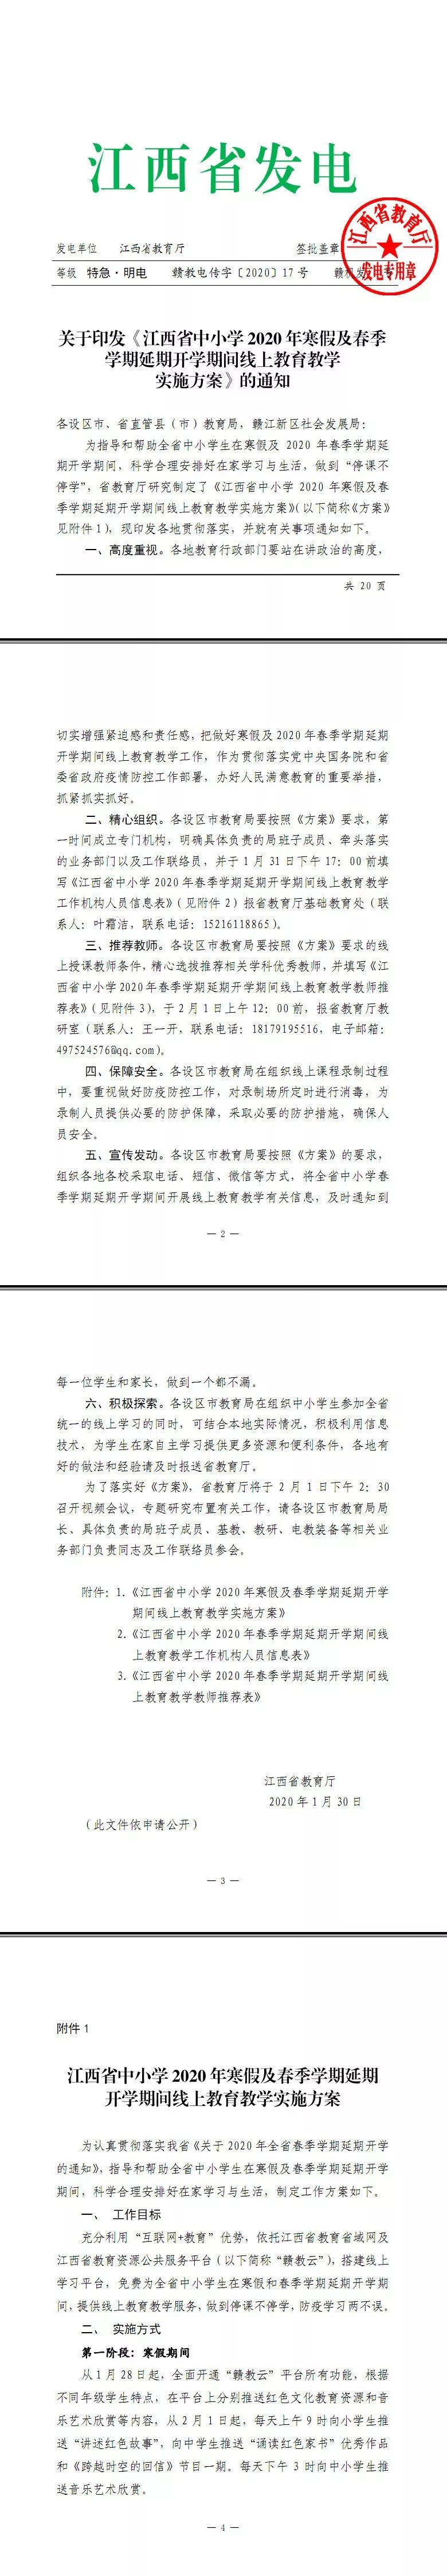 江西省中小学2020年线上教学具体实施方案!